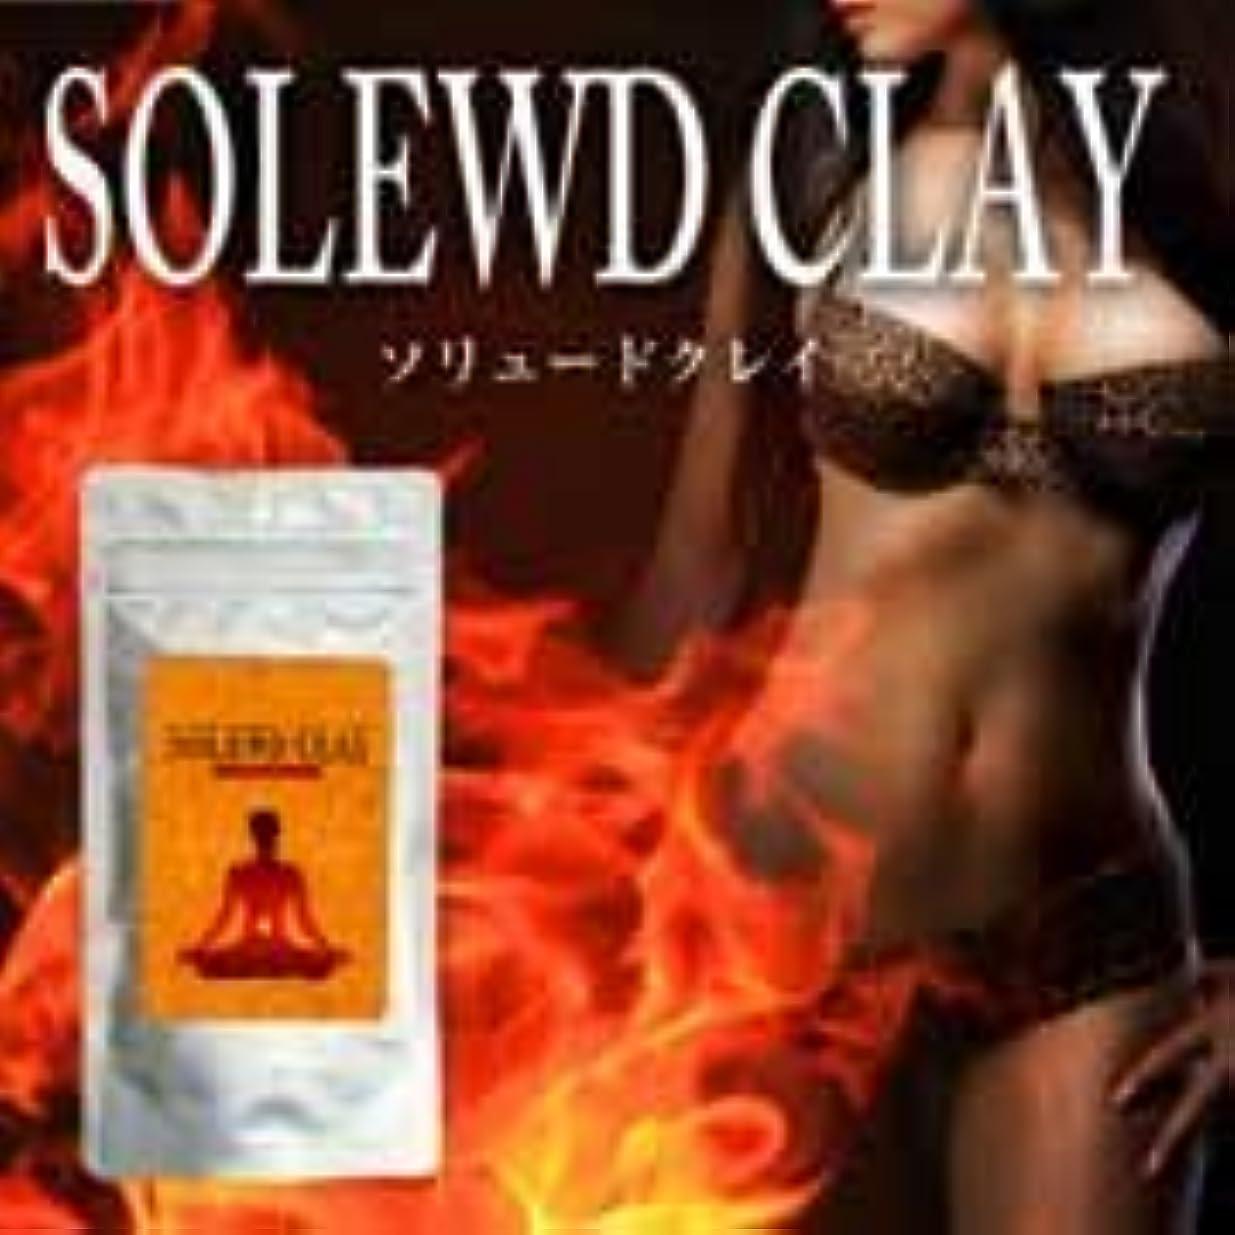 反対する抽出備品【SOLEWD CLAY ソリュードクレイ】